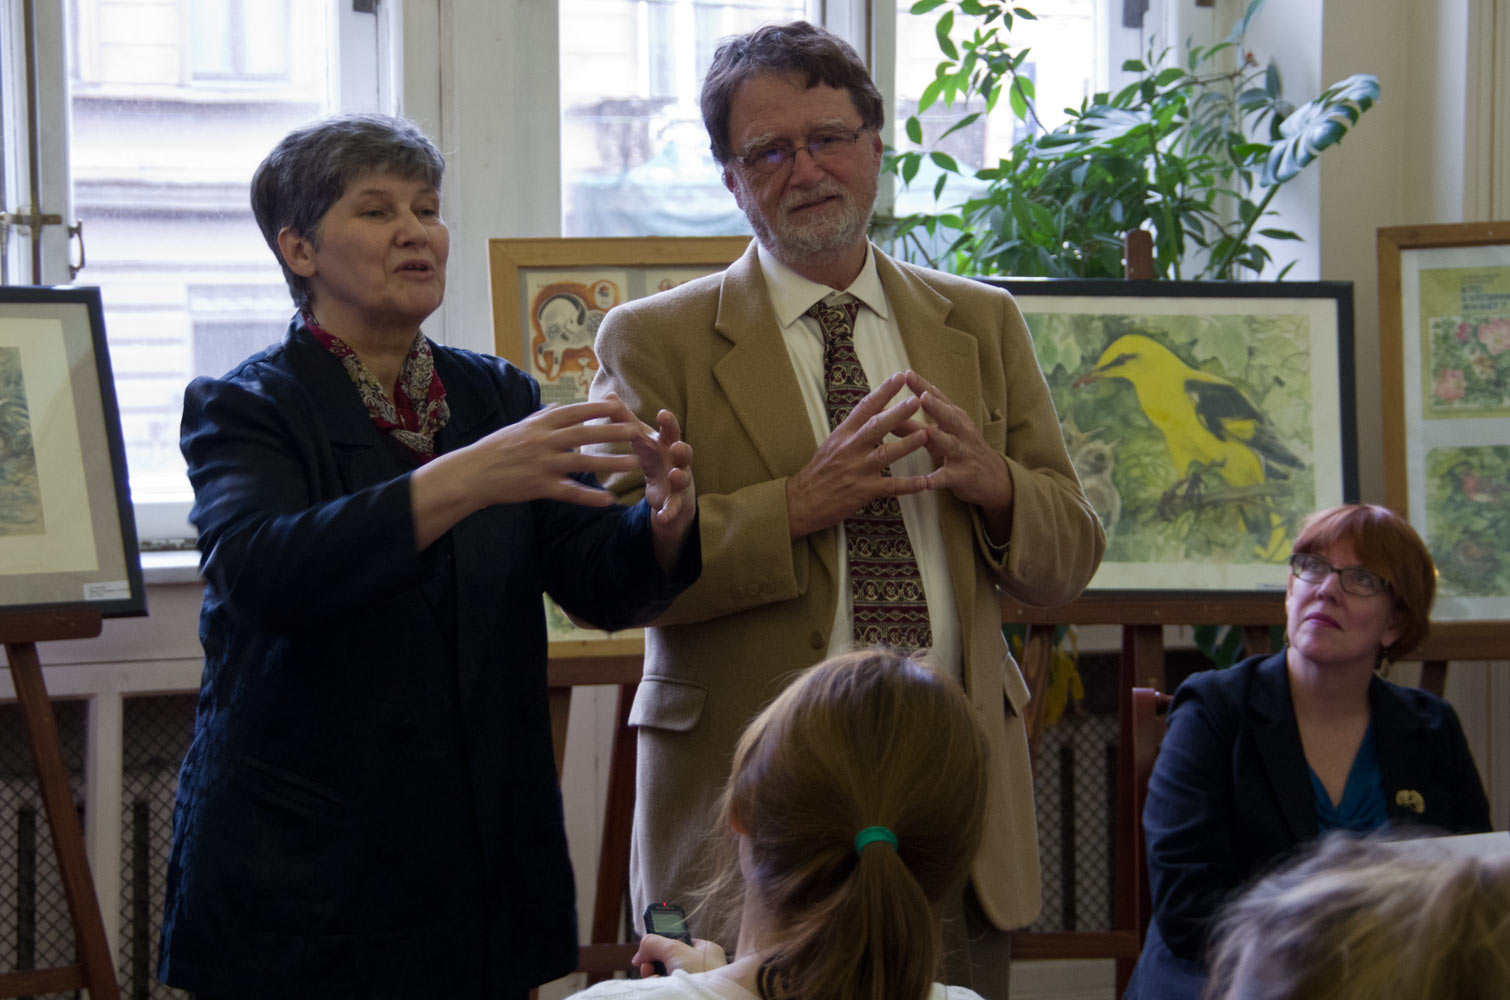 Встреча потомков колонистов с внуком доктора Рудольфа Тойслера ( Dr.Rudolf Teusler). 21 сентября 2015 года.